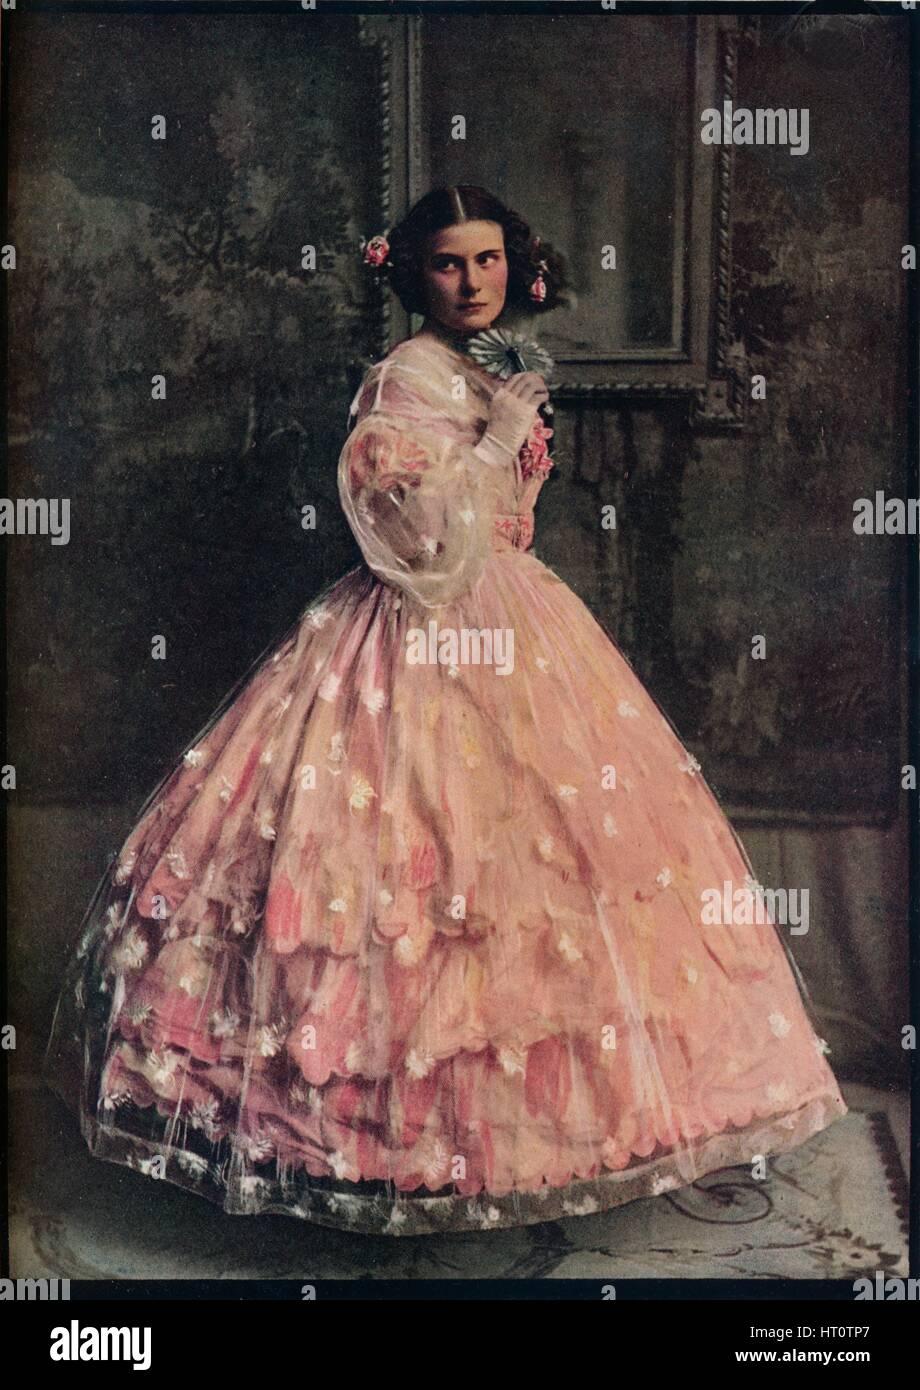 ein drei volants-ballkleid aus rosa seide mit Überkleid von